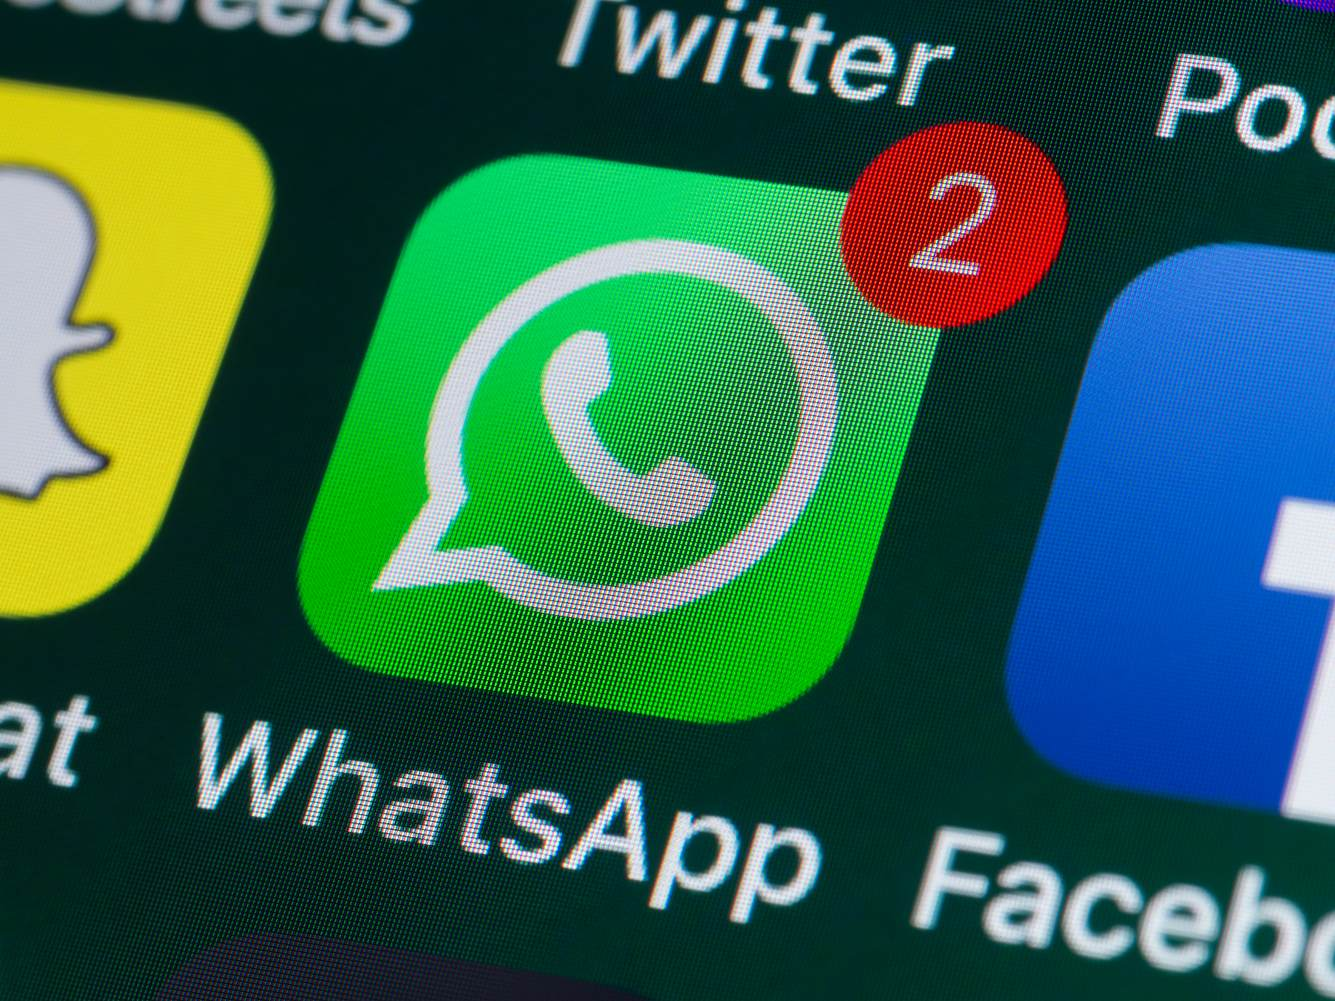 Ein Smartphone-Bildschirm mit der App 'WhatsApp'.